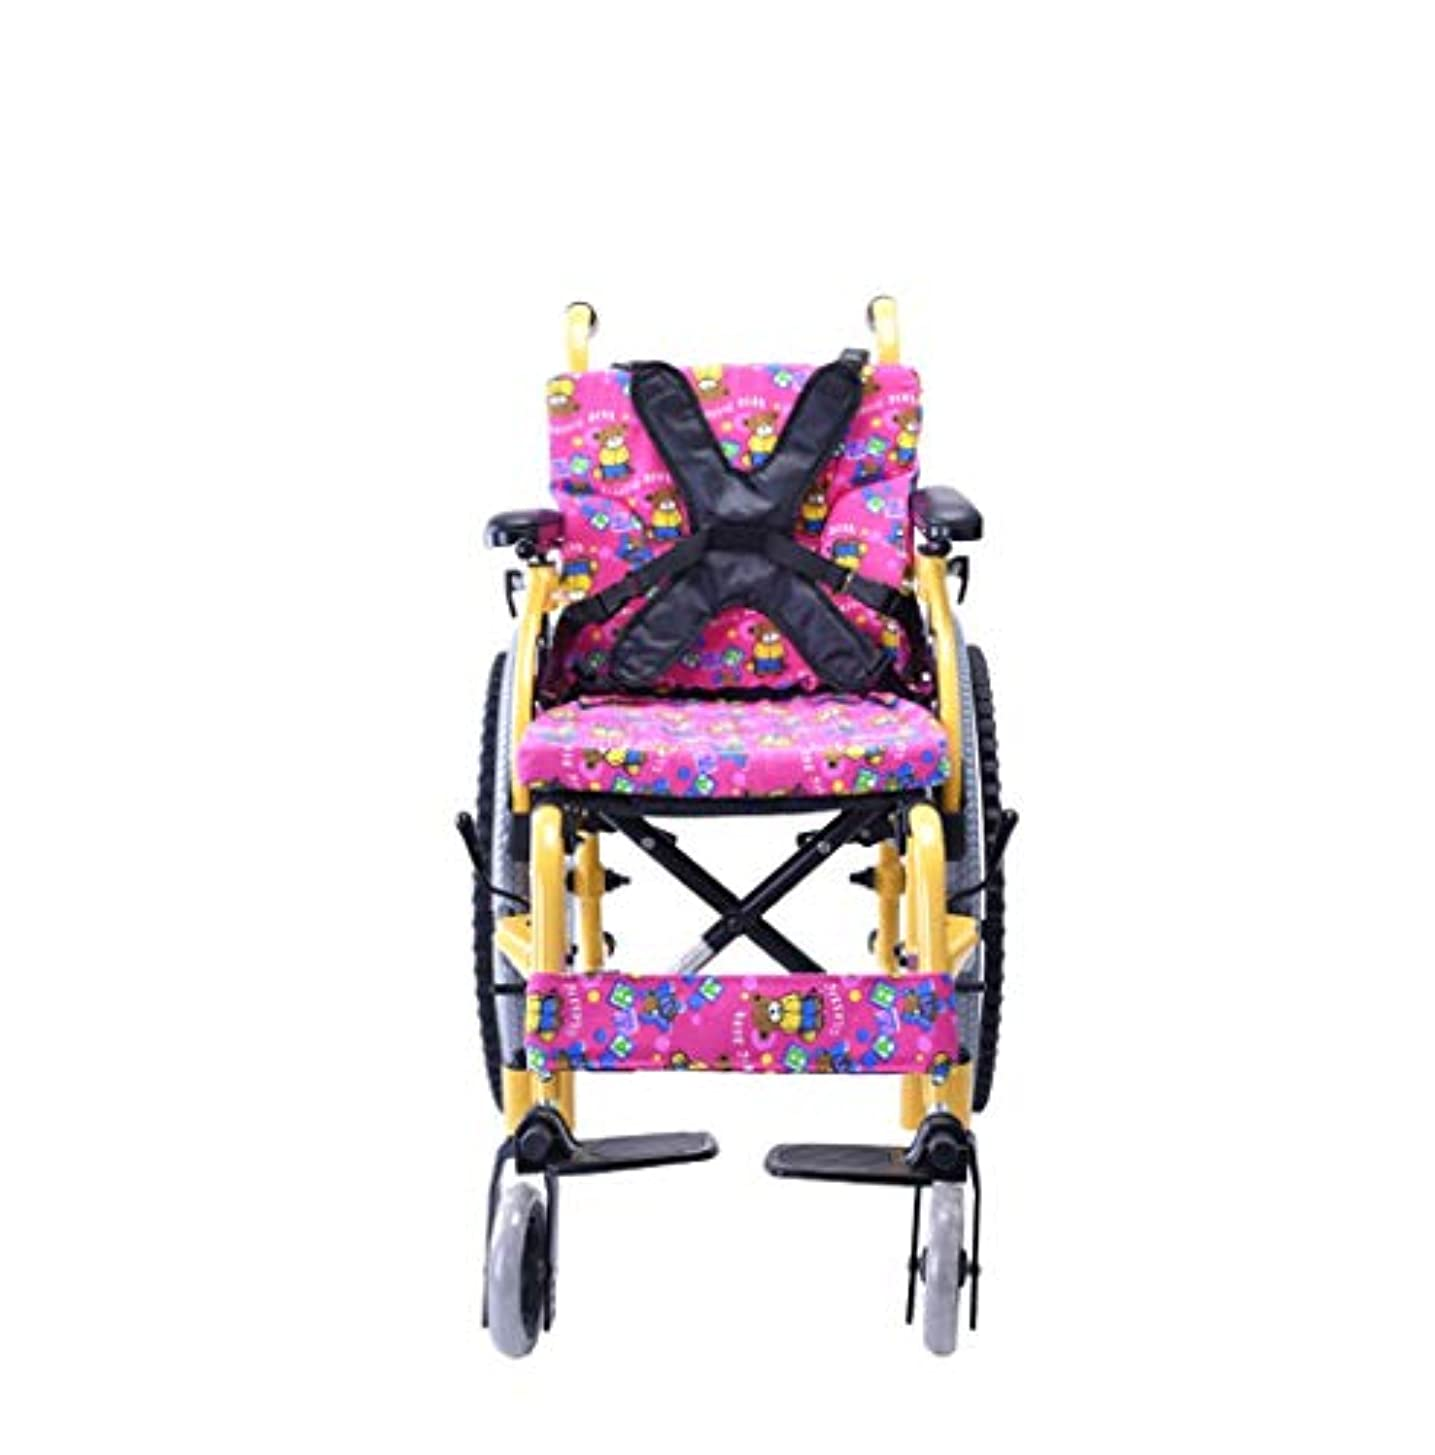 文パンオン子供用車椅子折りたたみポータブル小型ポータブル無効トロリー子供用アルミニウム手動車椅子